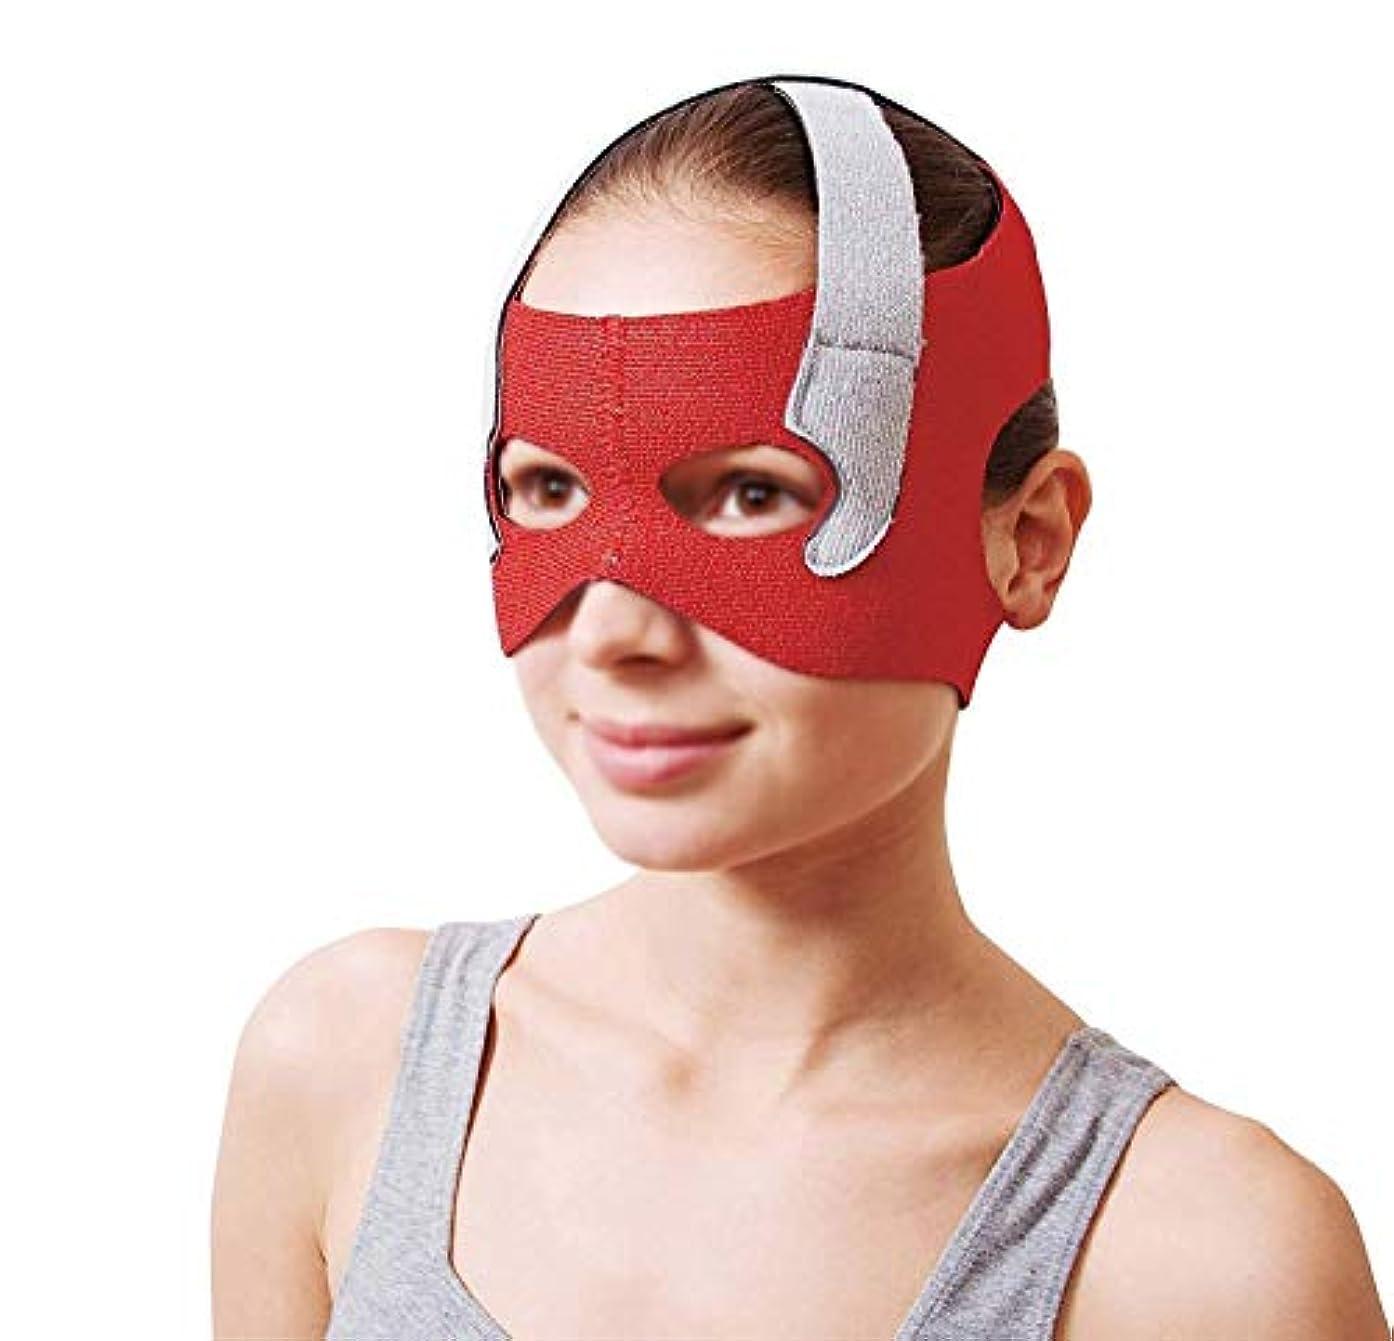 洞察力肥沃なコテージフェイスリフトマスク、回復ポスト包帯ヘッドギアフェイスマスク顔薄いフェイスマスクアーティファクト美容ベルト顔と首リフト顔周囲57-68 cm